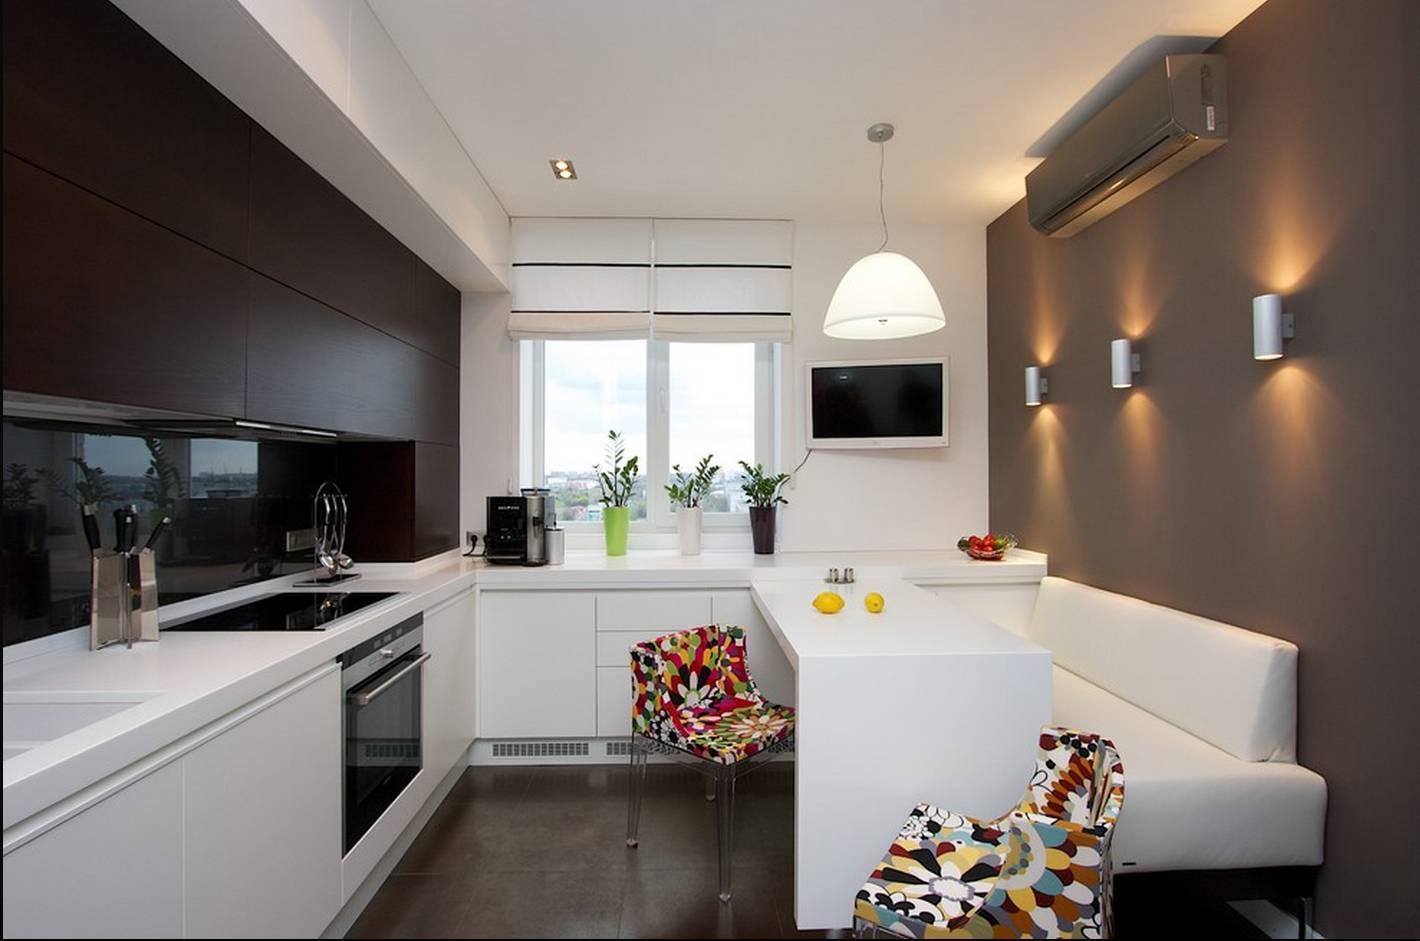 Дизайн кухни 14 кв м — фото современных идей